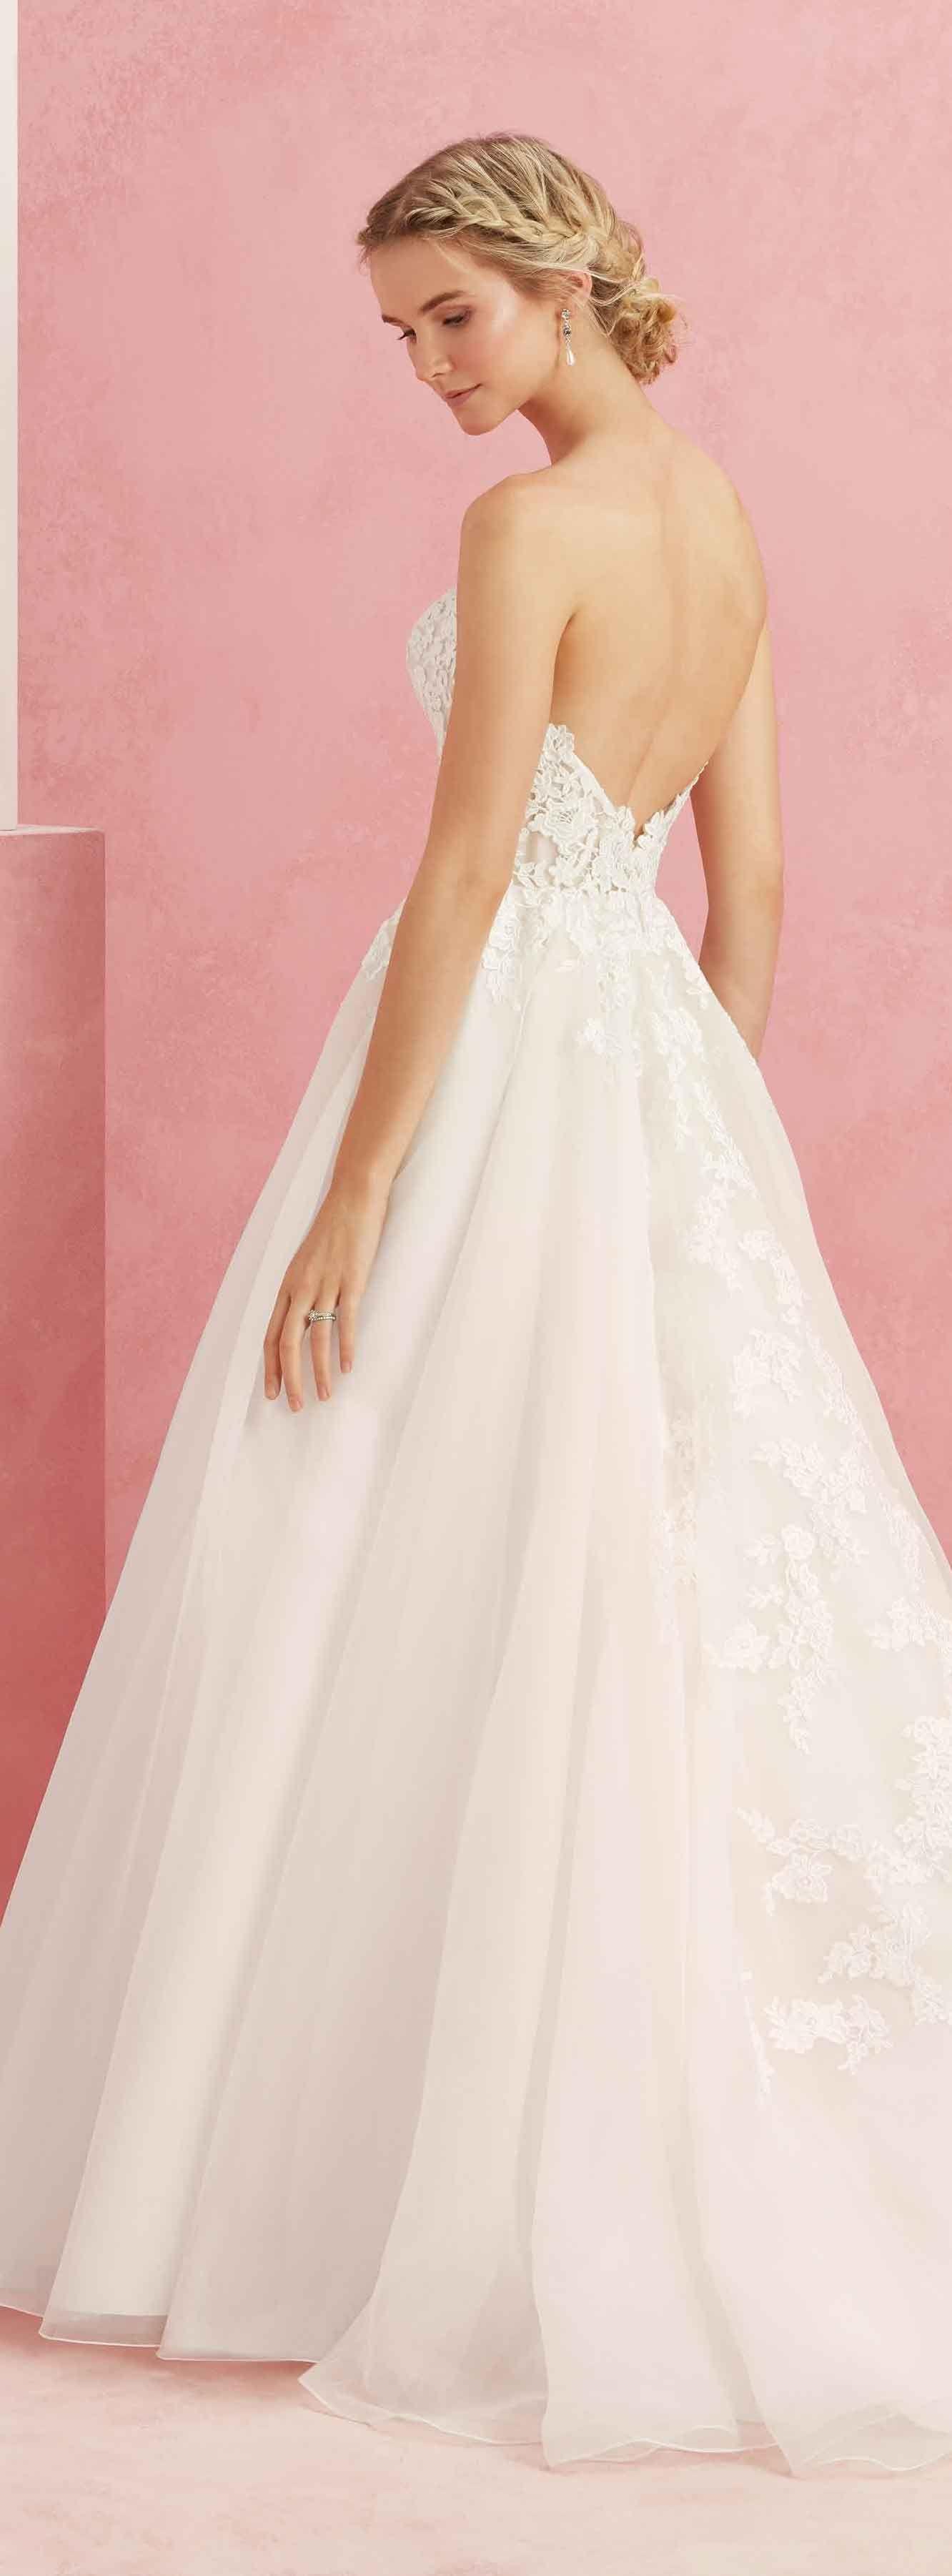 Beloved by Casablanca Bridal | Pinterest | Vestidos de novia, De ...